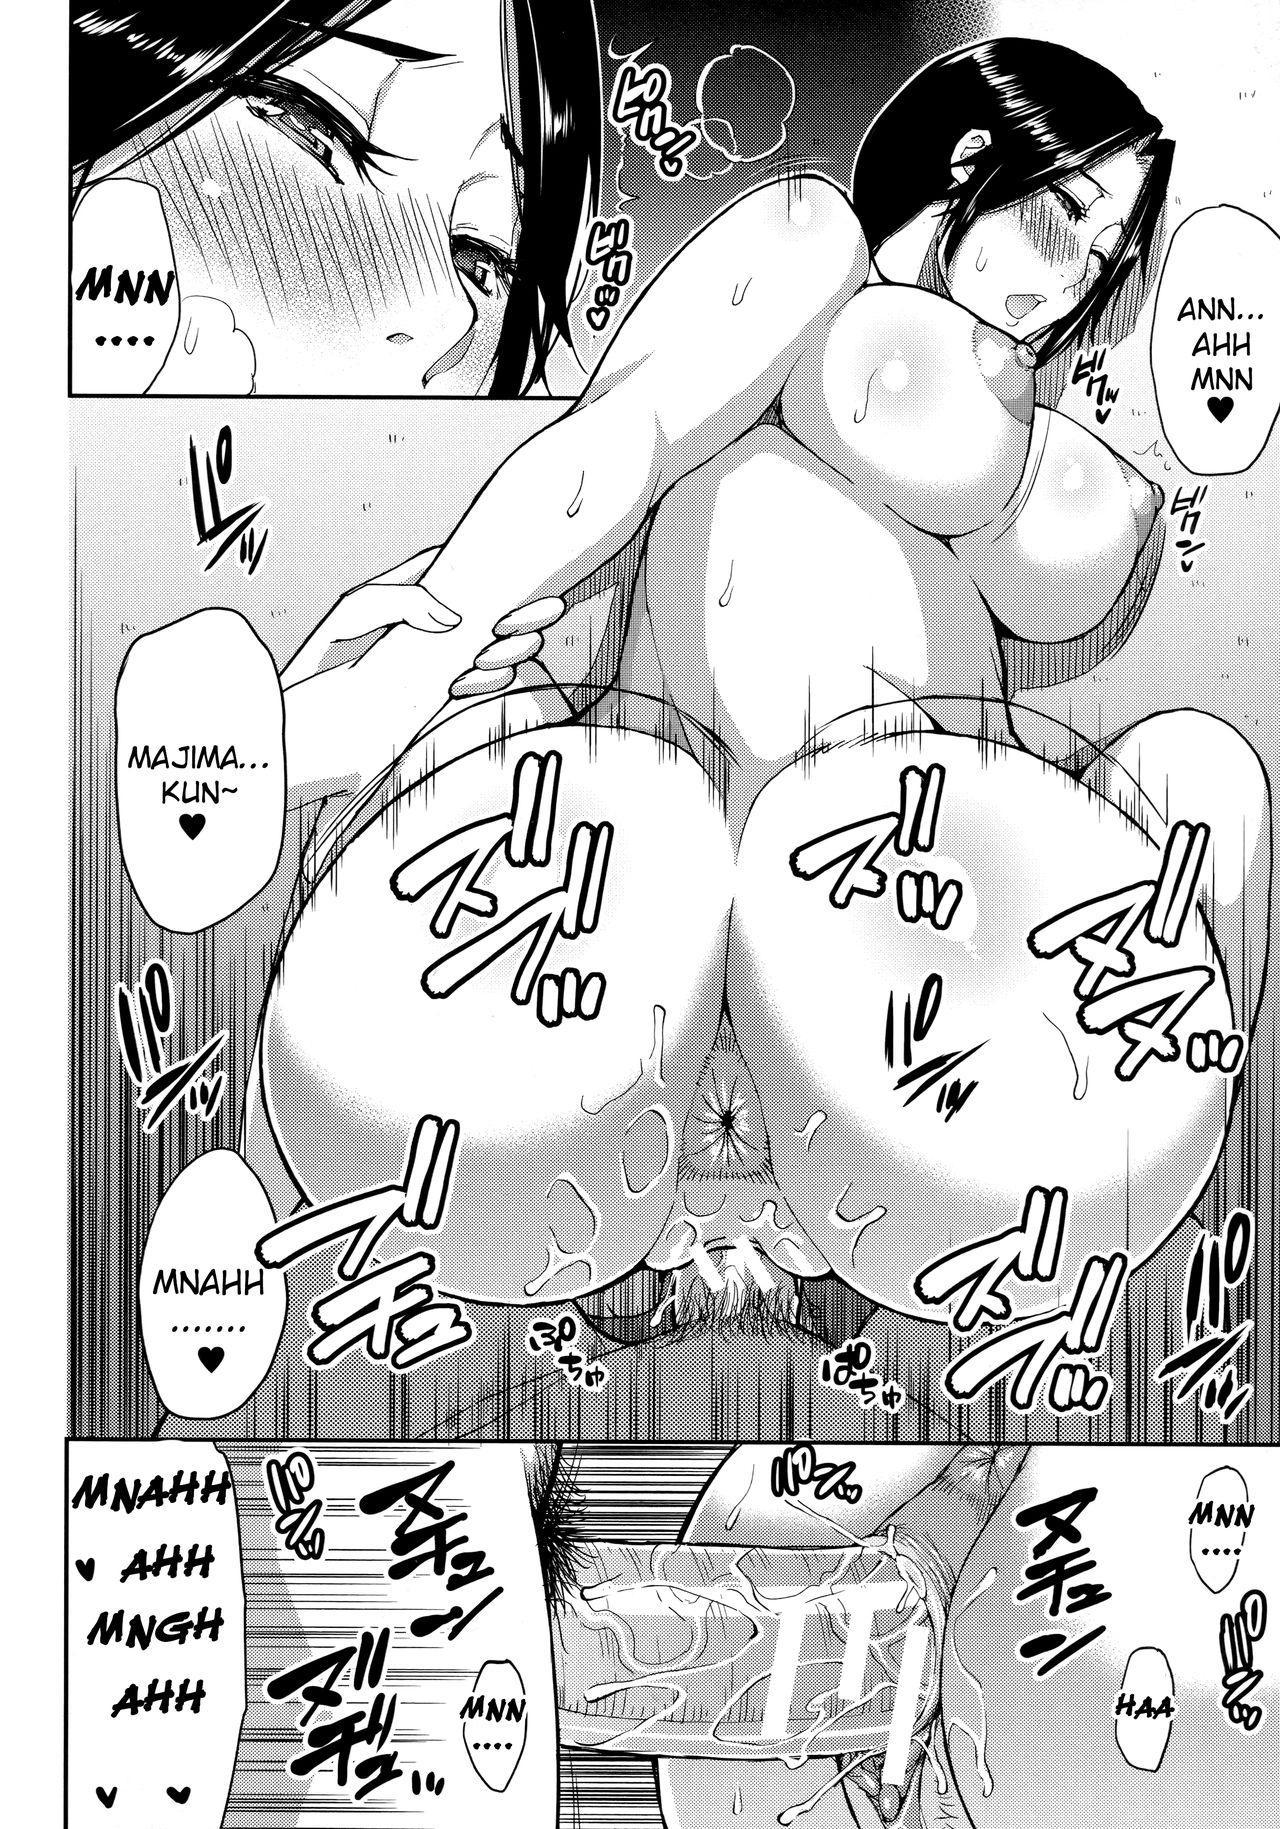 [Shunjou Shuusuke] Onegai, Sukoshi Yasumasete... ~Karada Torokeru Sex no Ato ni~ Ch. 2, 4 [English] [Raknnkarscans] 36